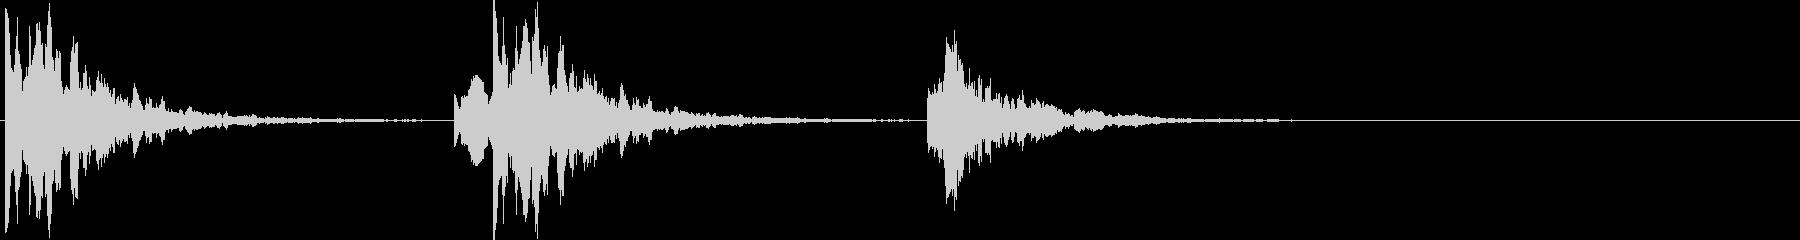 ポタポタ..。洞窟の水滴(低・短)の未再生の波形